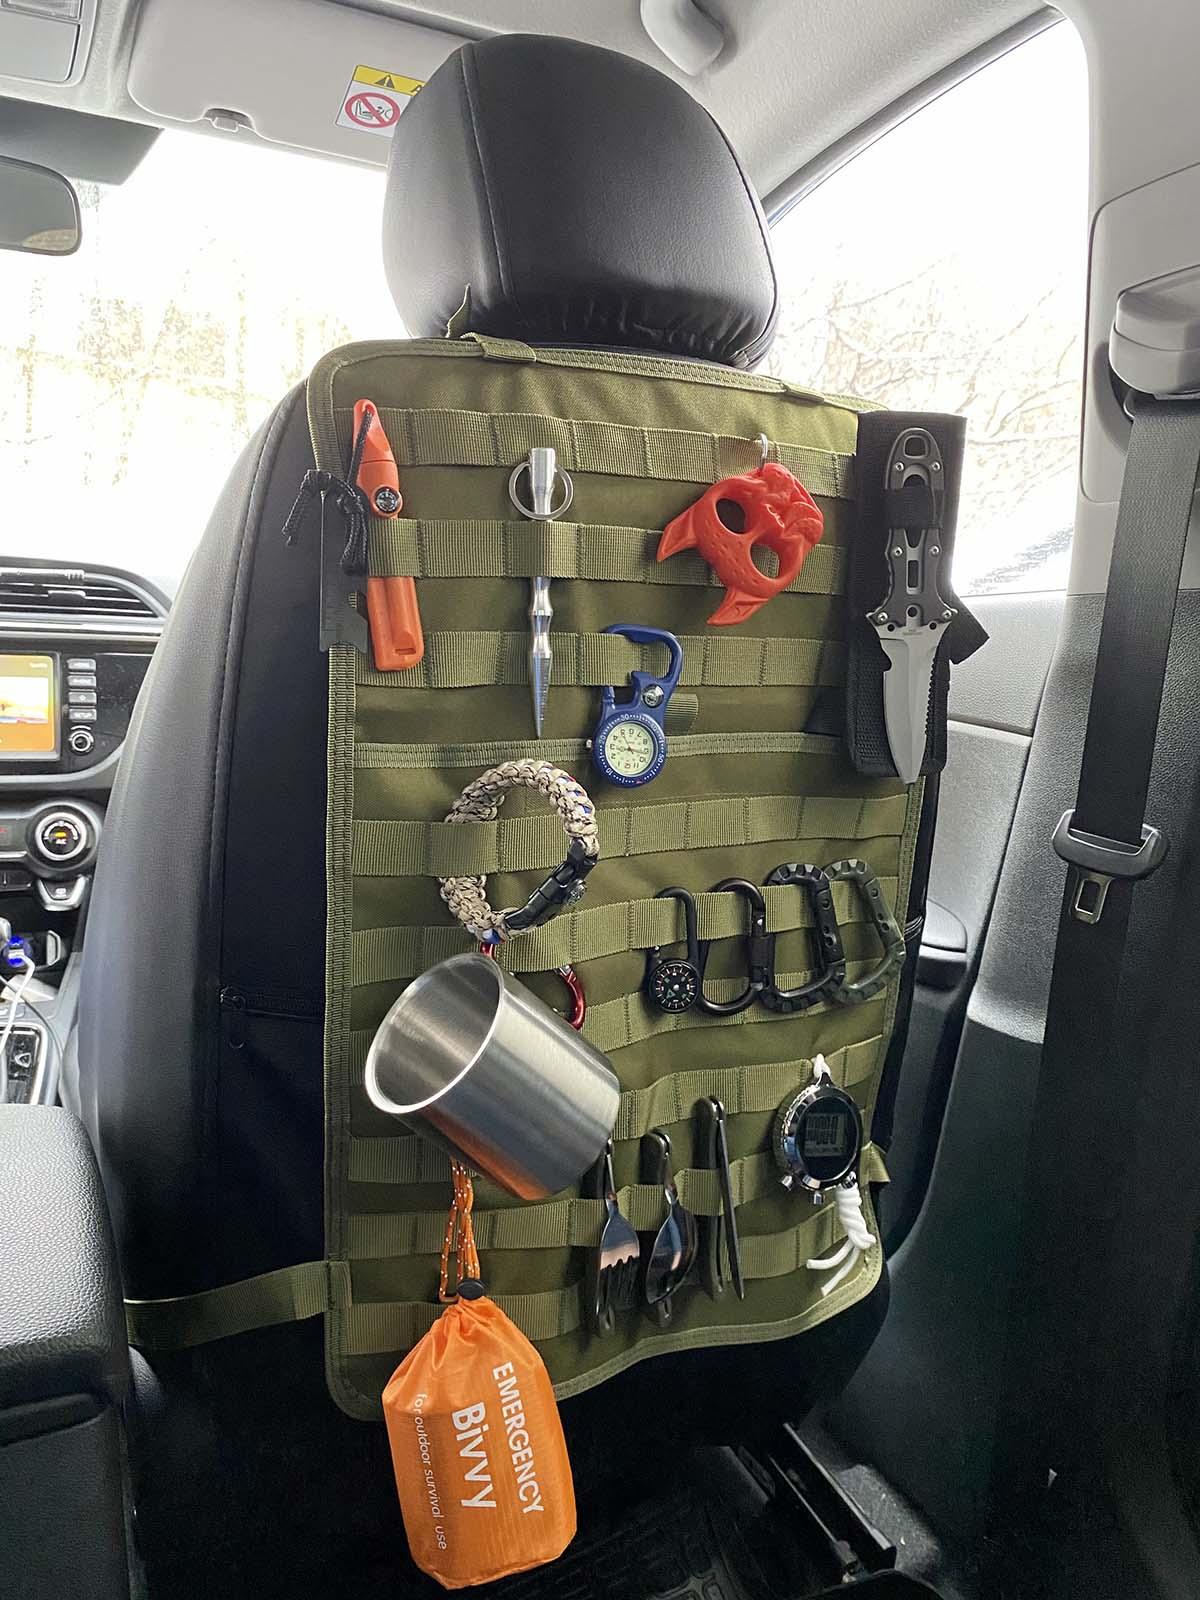 Тактическая накидка на спинку сиденья автомобиля (хаки-олива)